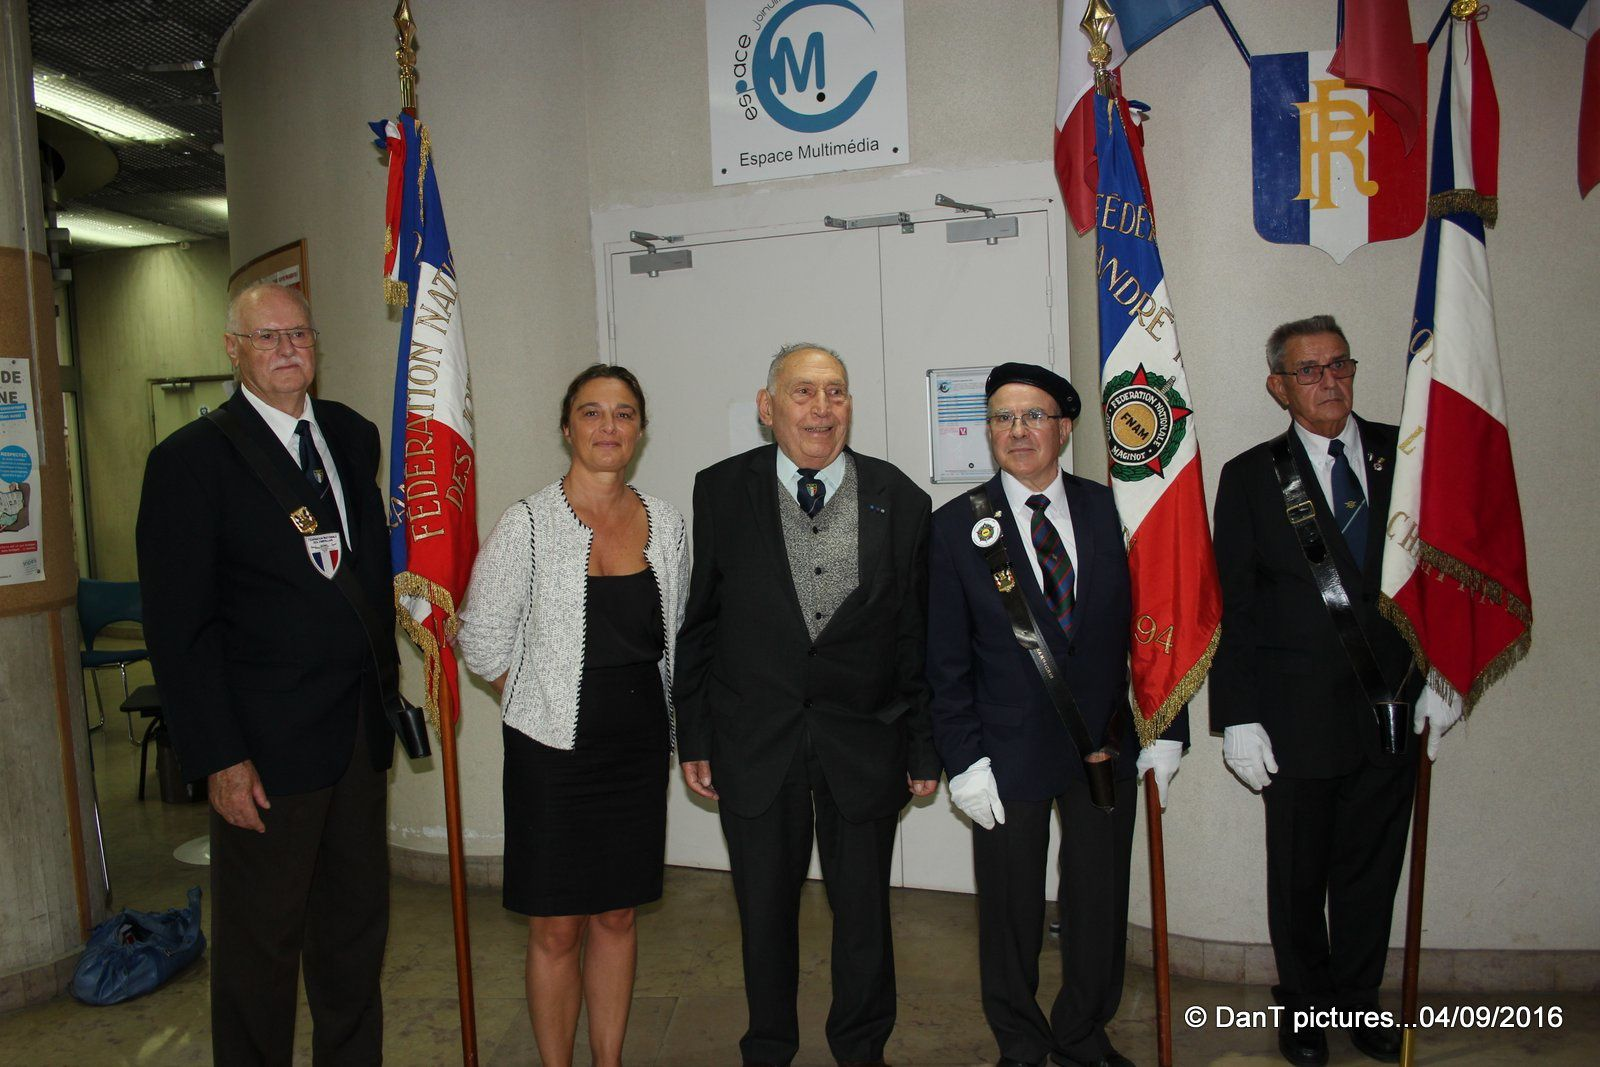 72 ème anniversaire de la libération de Joinville-le-Pont...les images des cérémonies.